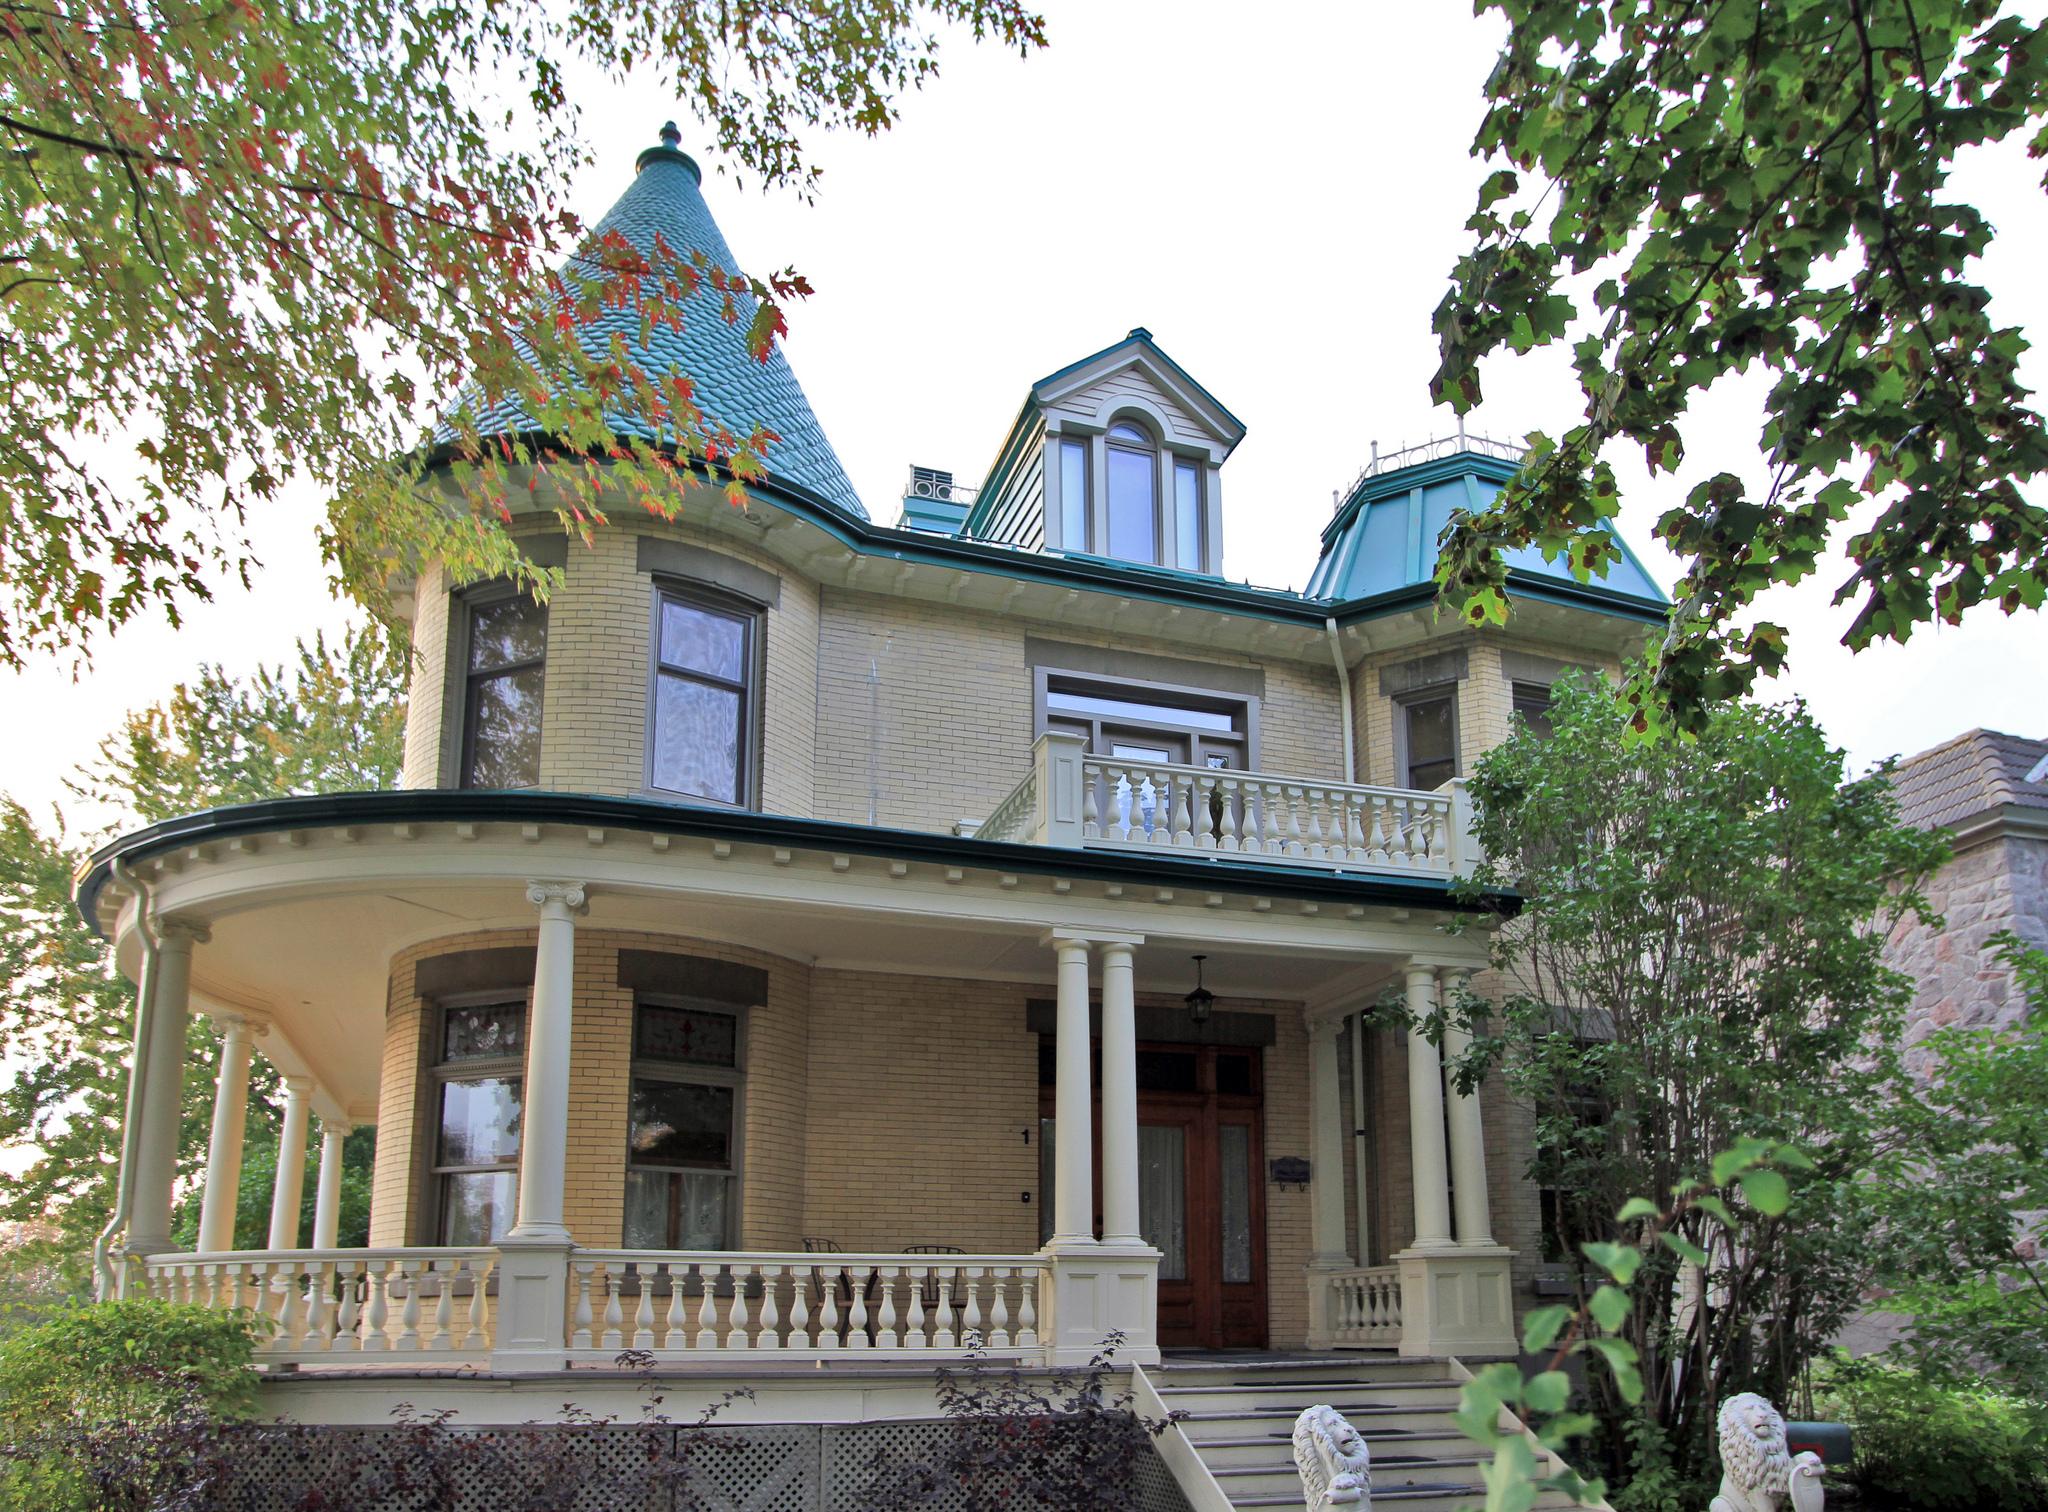 Maison George Lebel. Source : patrimoine.ville.montreal.qc.ca Crédit photo : Denis Tremblay